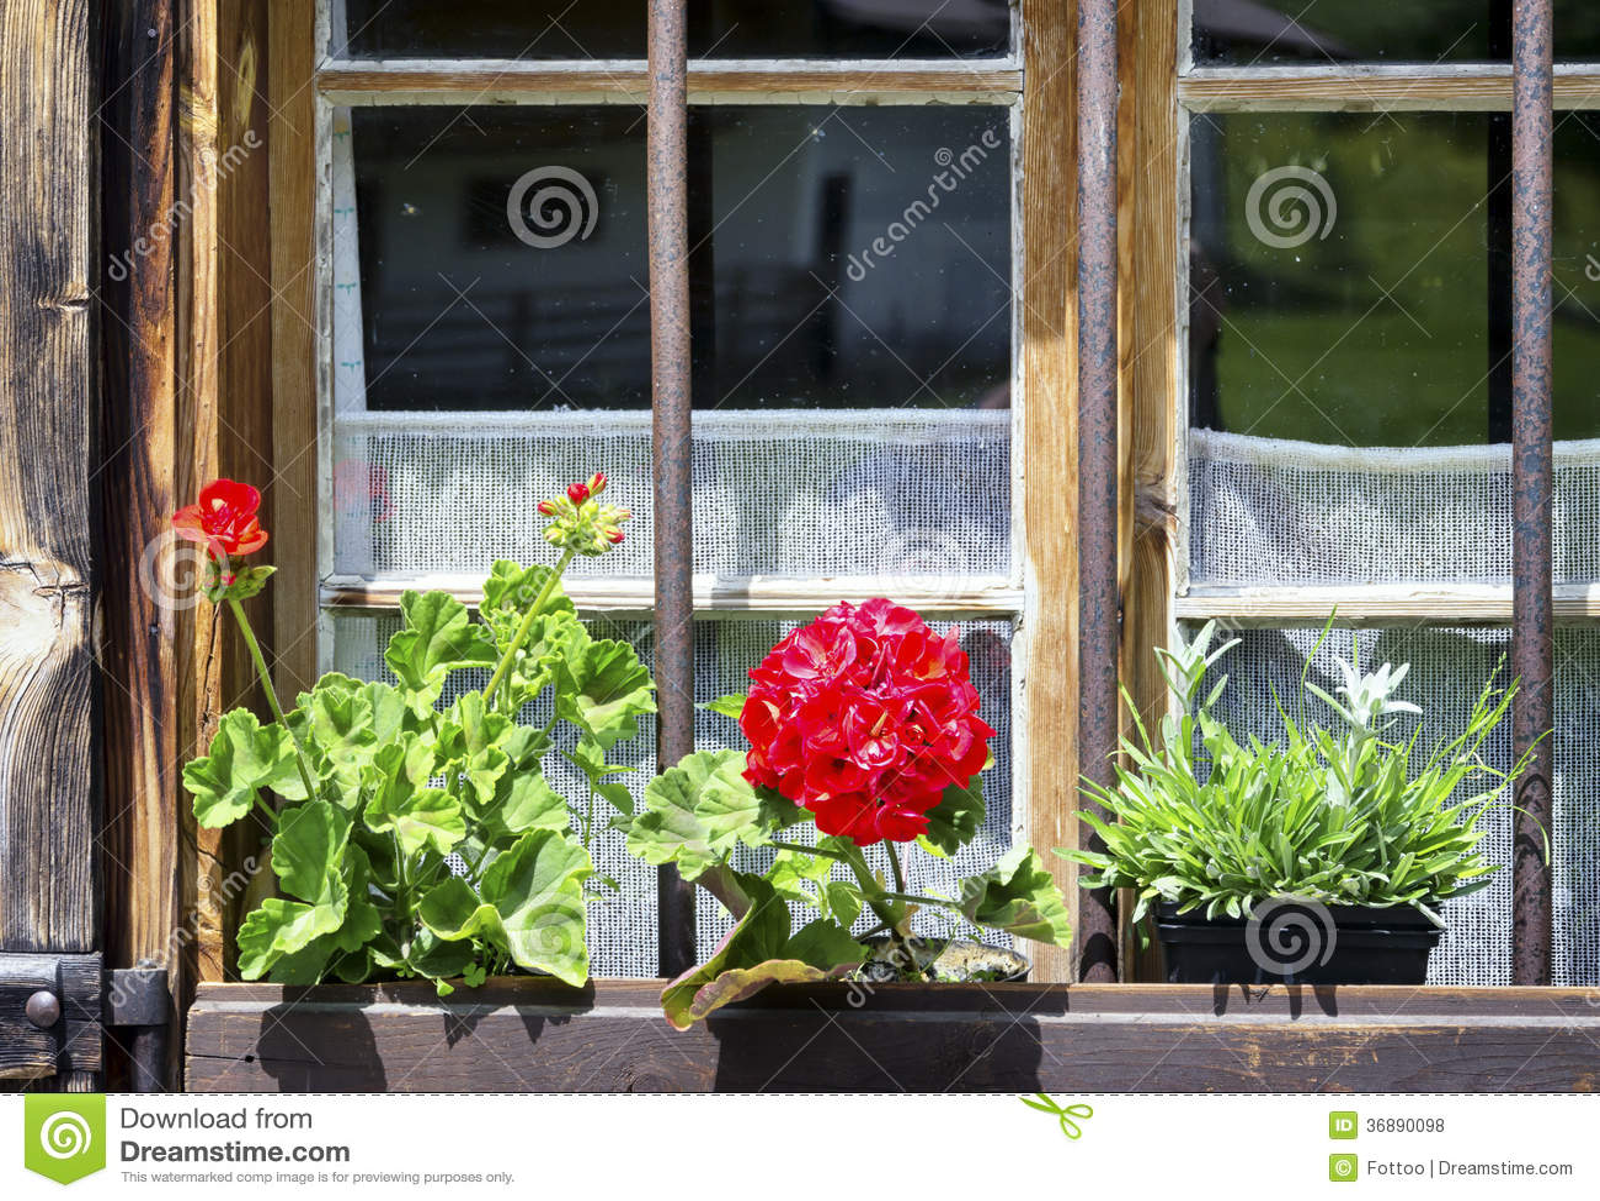 Download Vecchia finestra fotografia stock. Immagine di rurale - 36890098